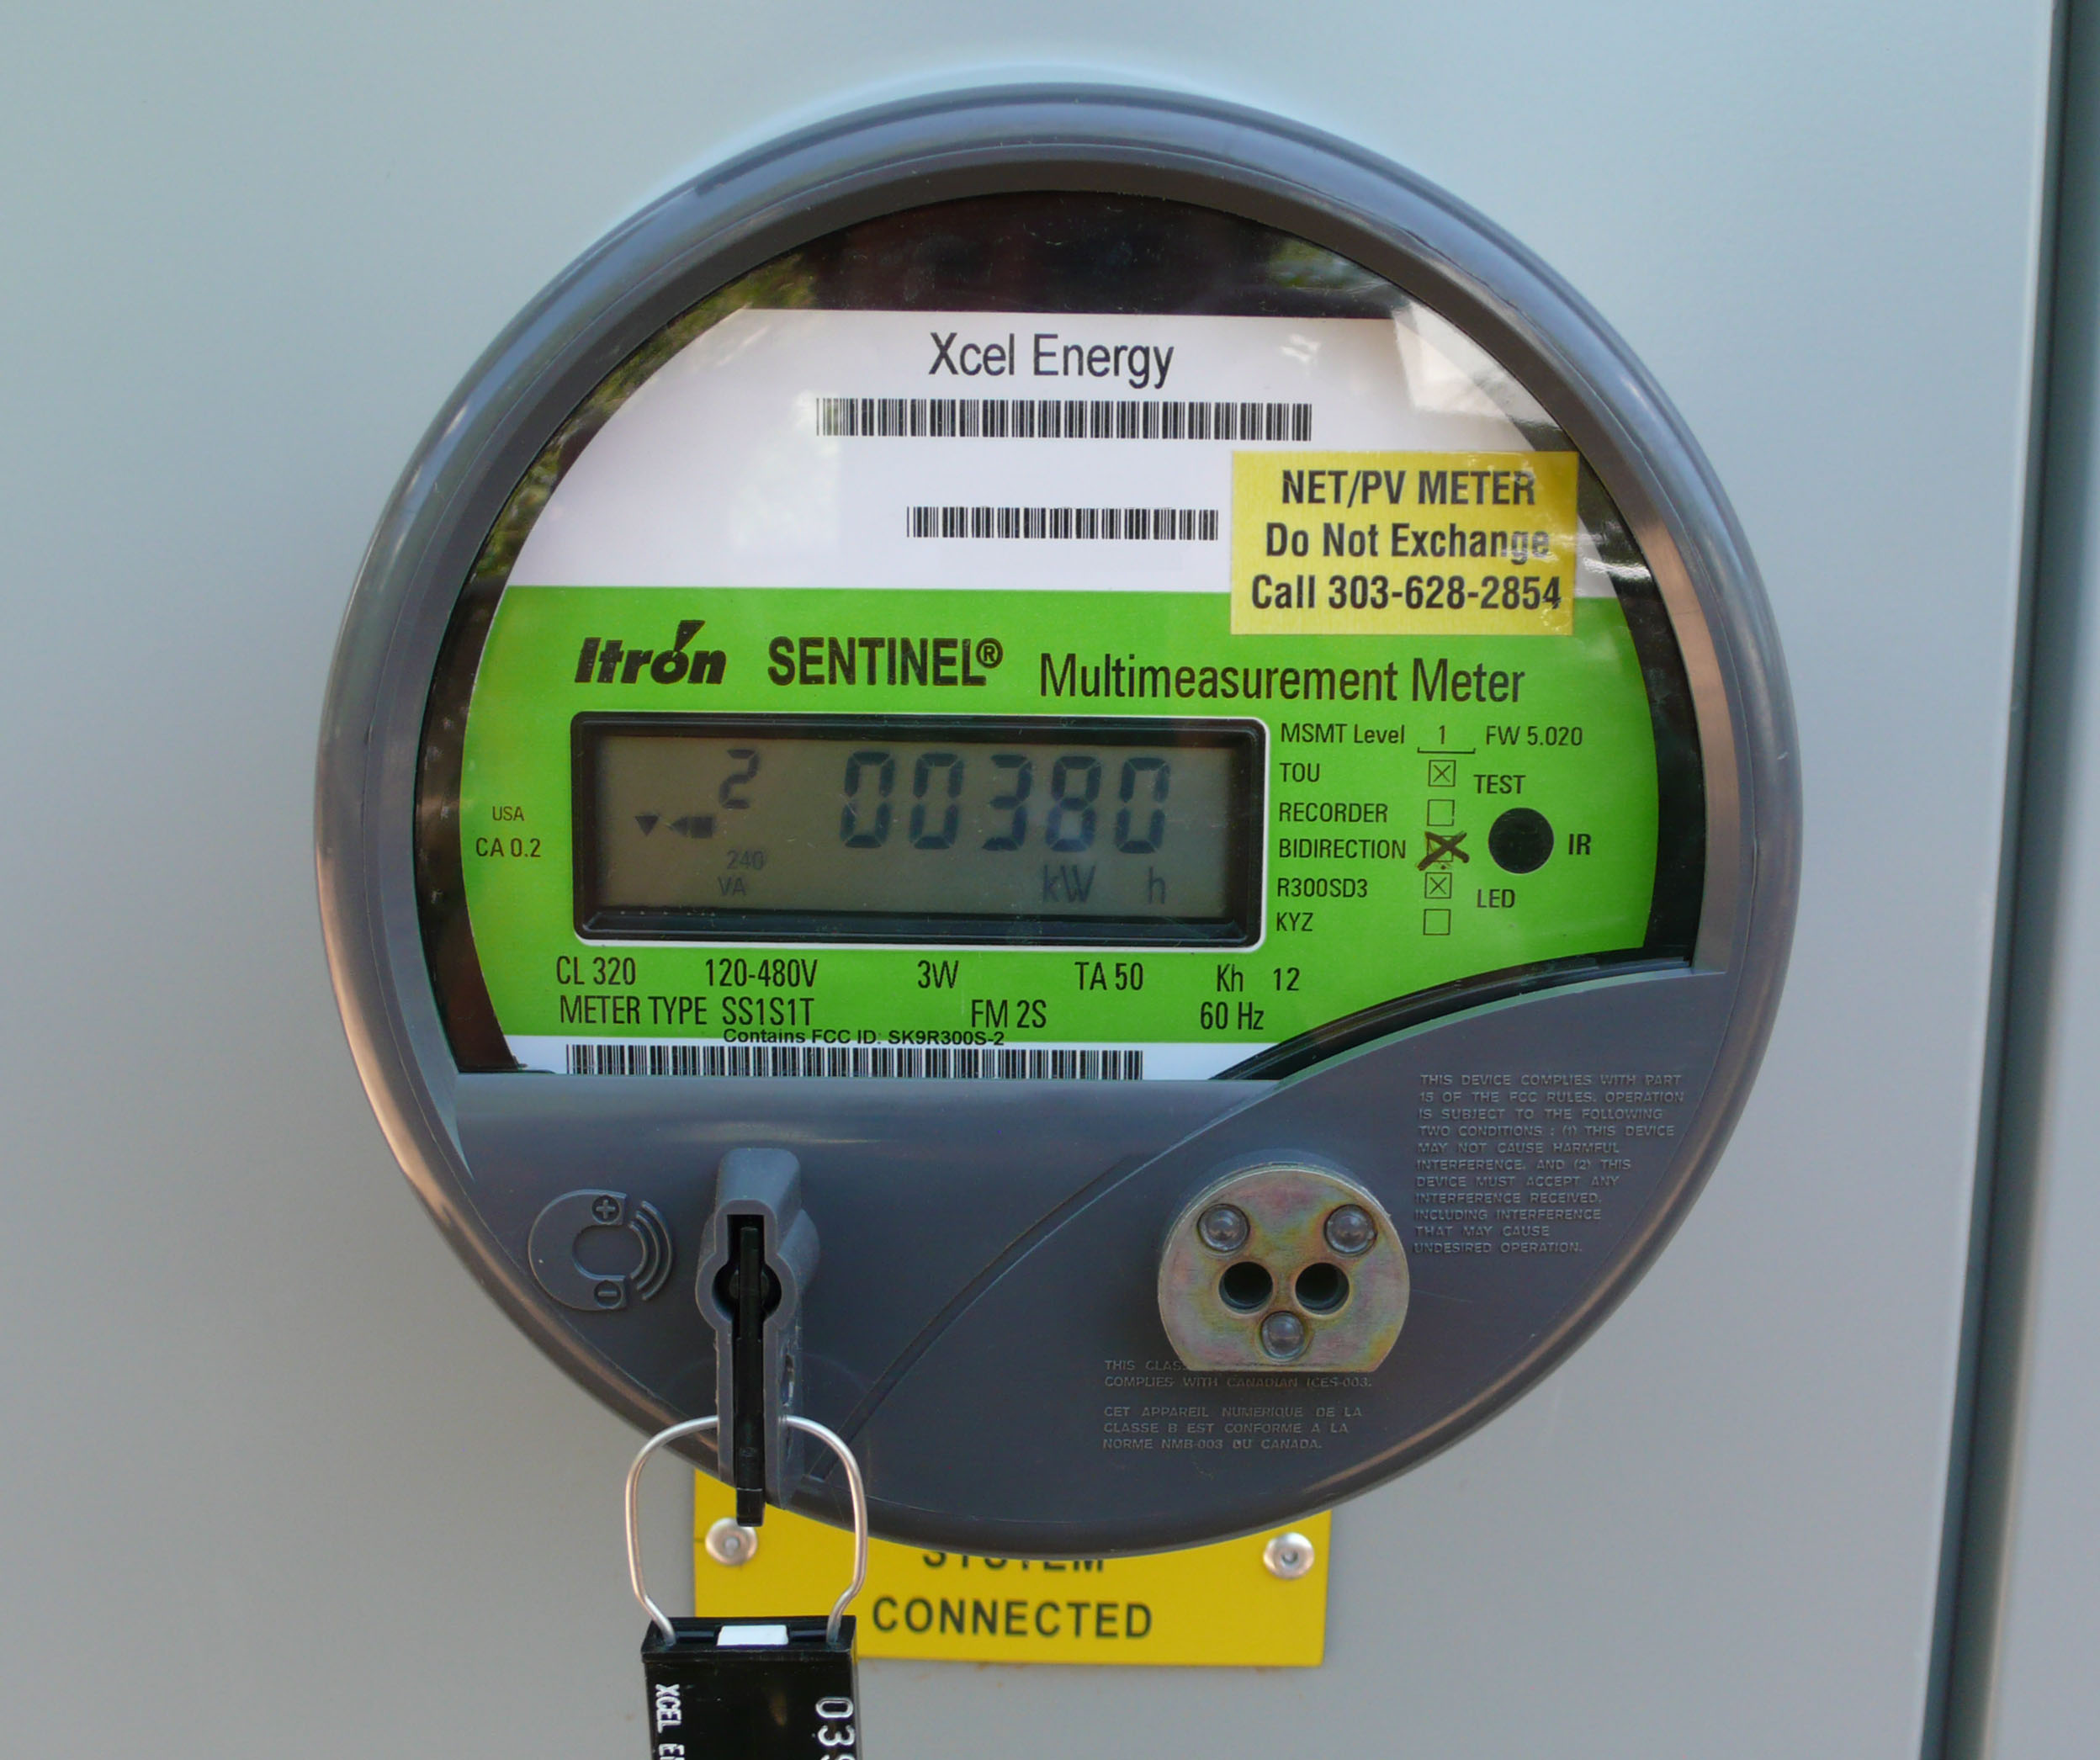 net PV meter